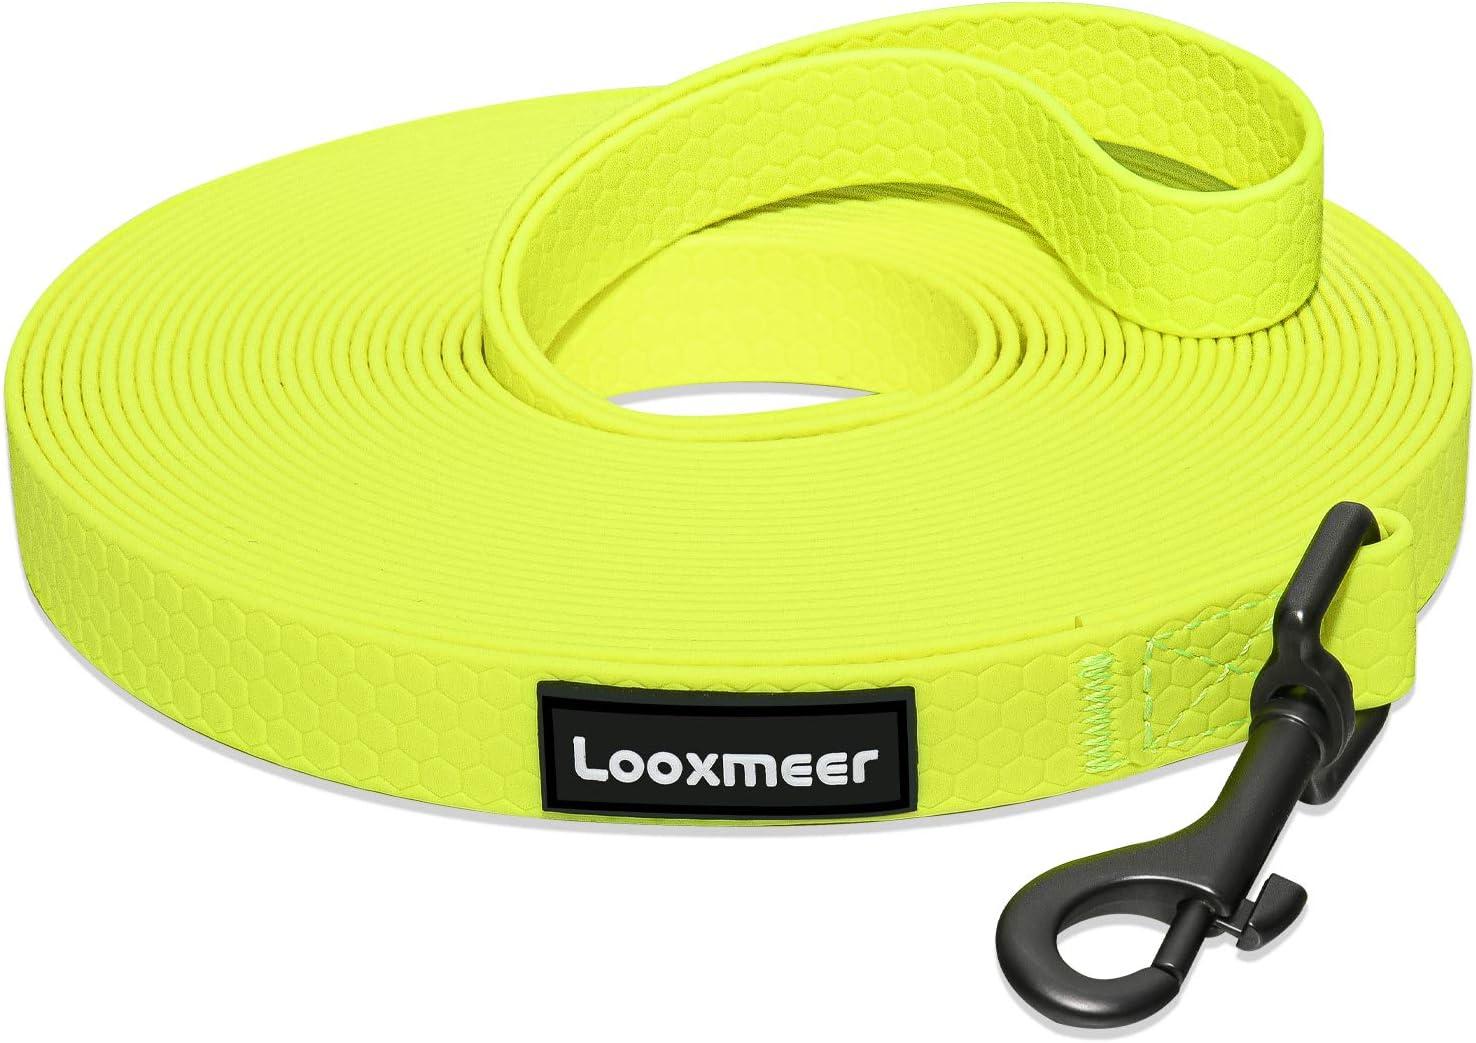 Looxmeer Correa de Adiestramiento Amarillo para Perros 30m, Correa Perro Larga, Cuerda para Perros Manos Libres, Correa Resistente Fuerte para Camping Paseo